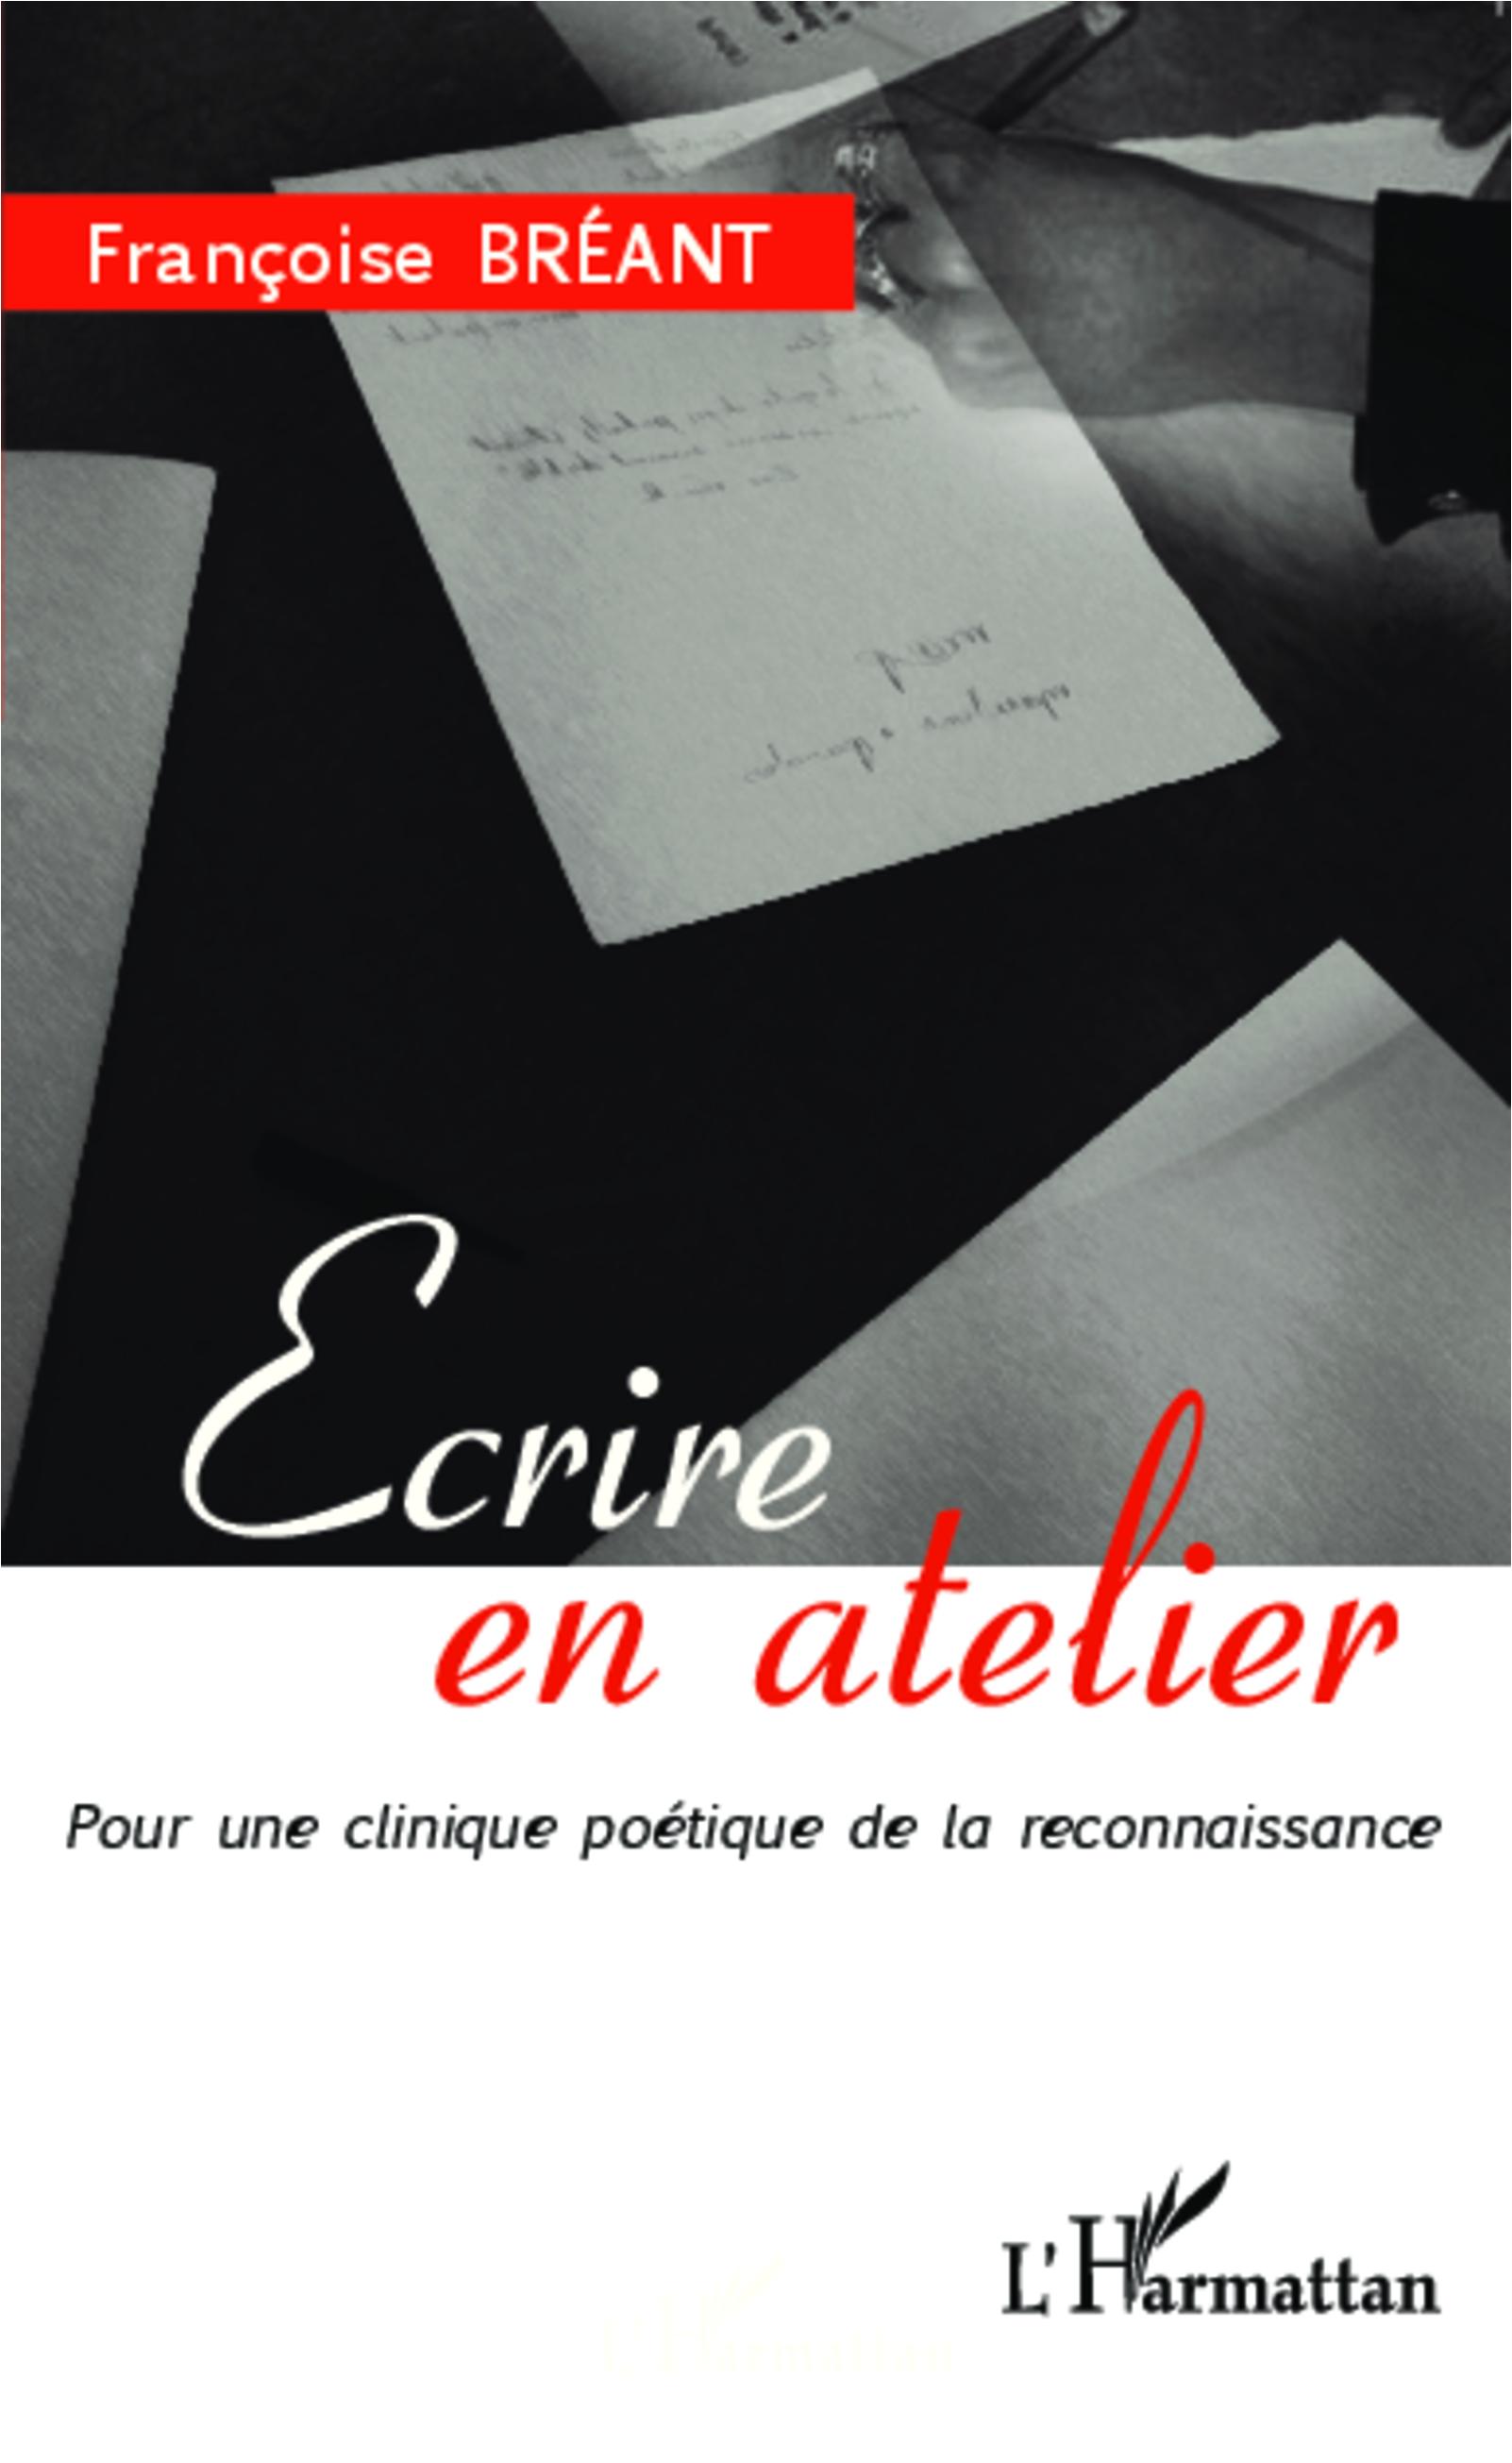 Couverture Ecrire en atelier Bréant 2014